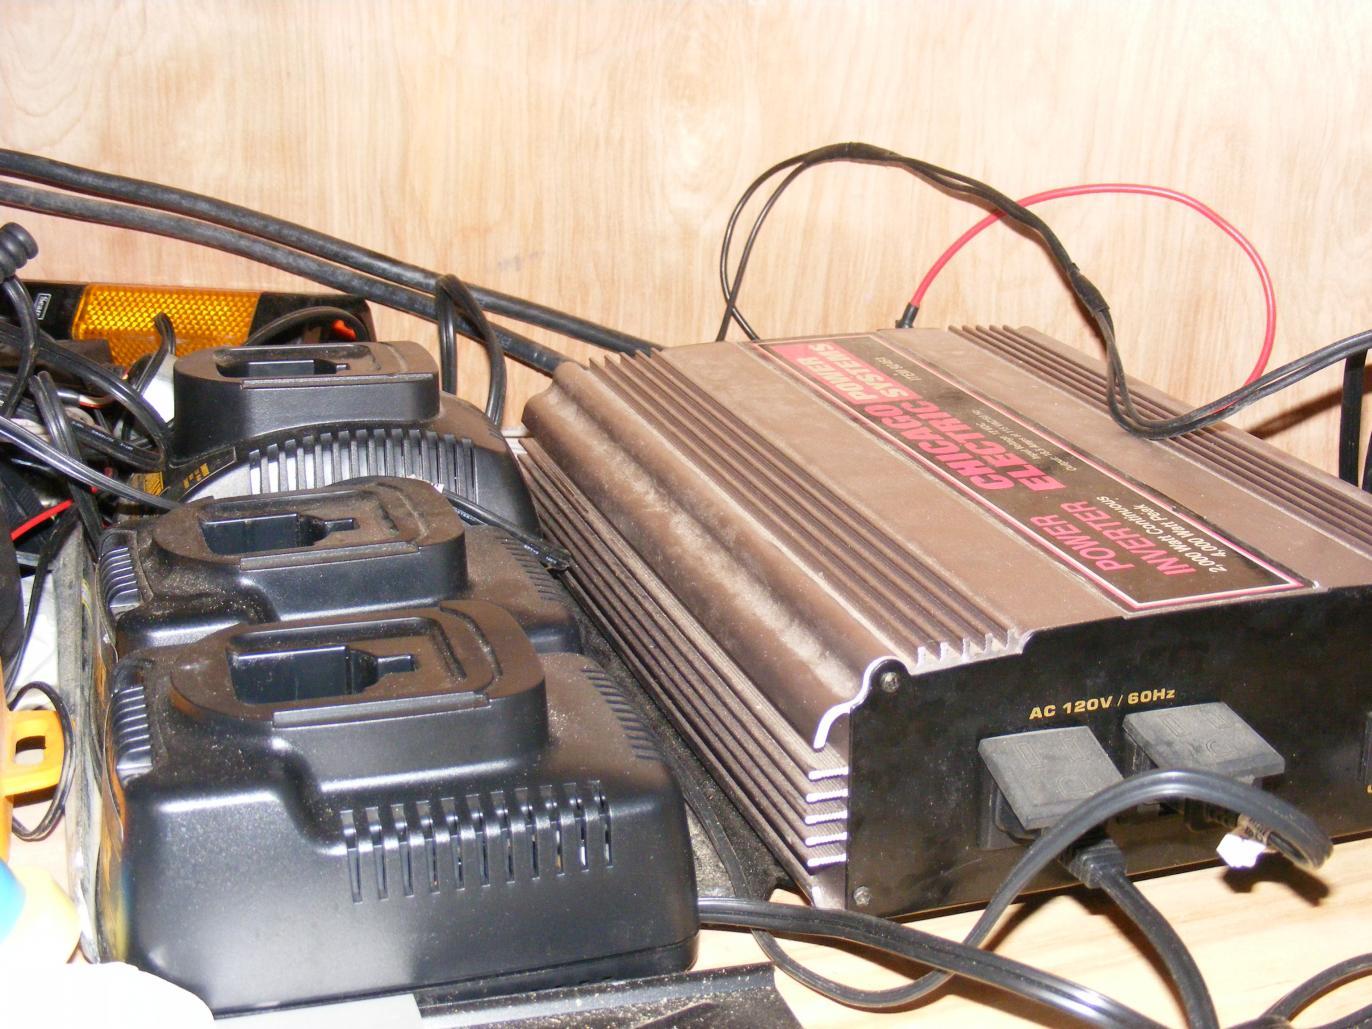 Wiring in an inverter.-dscf3175.jpg